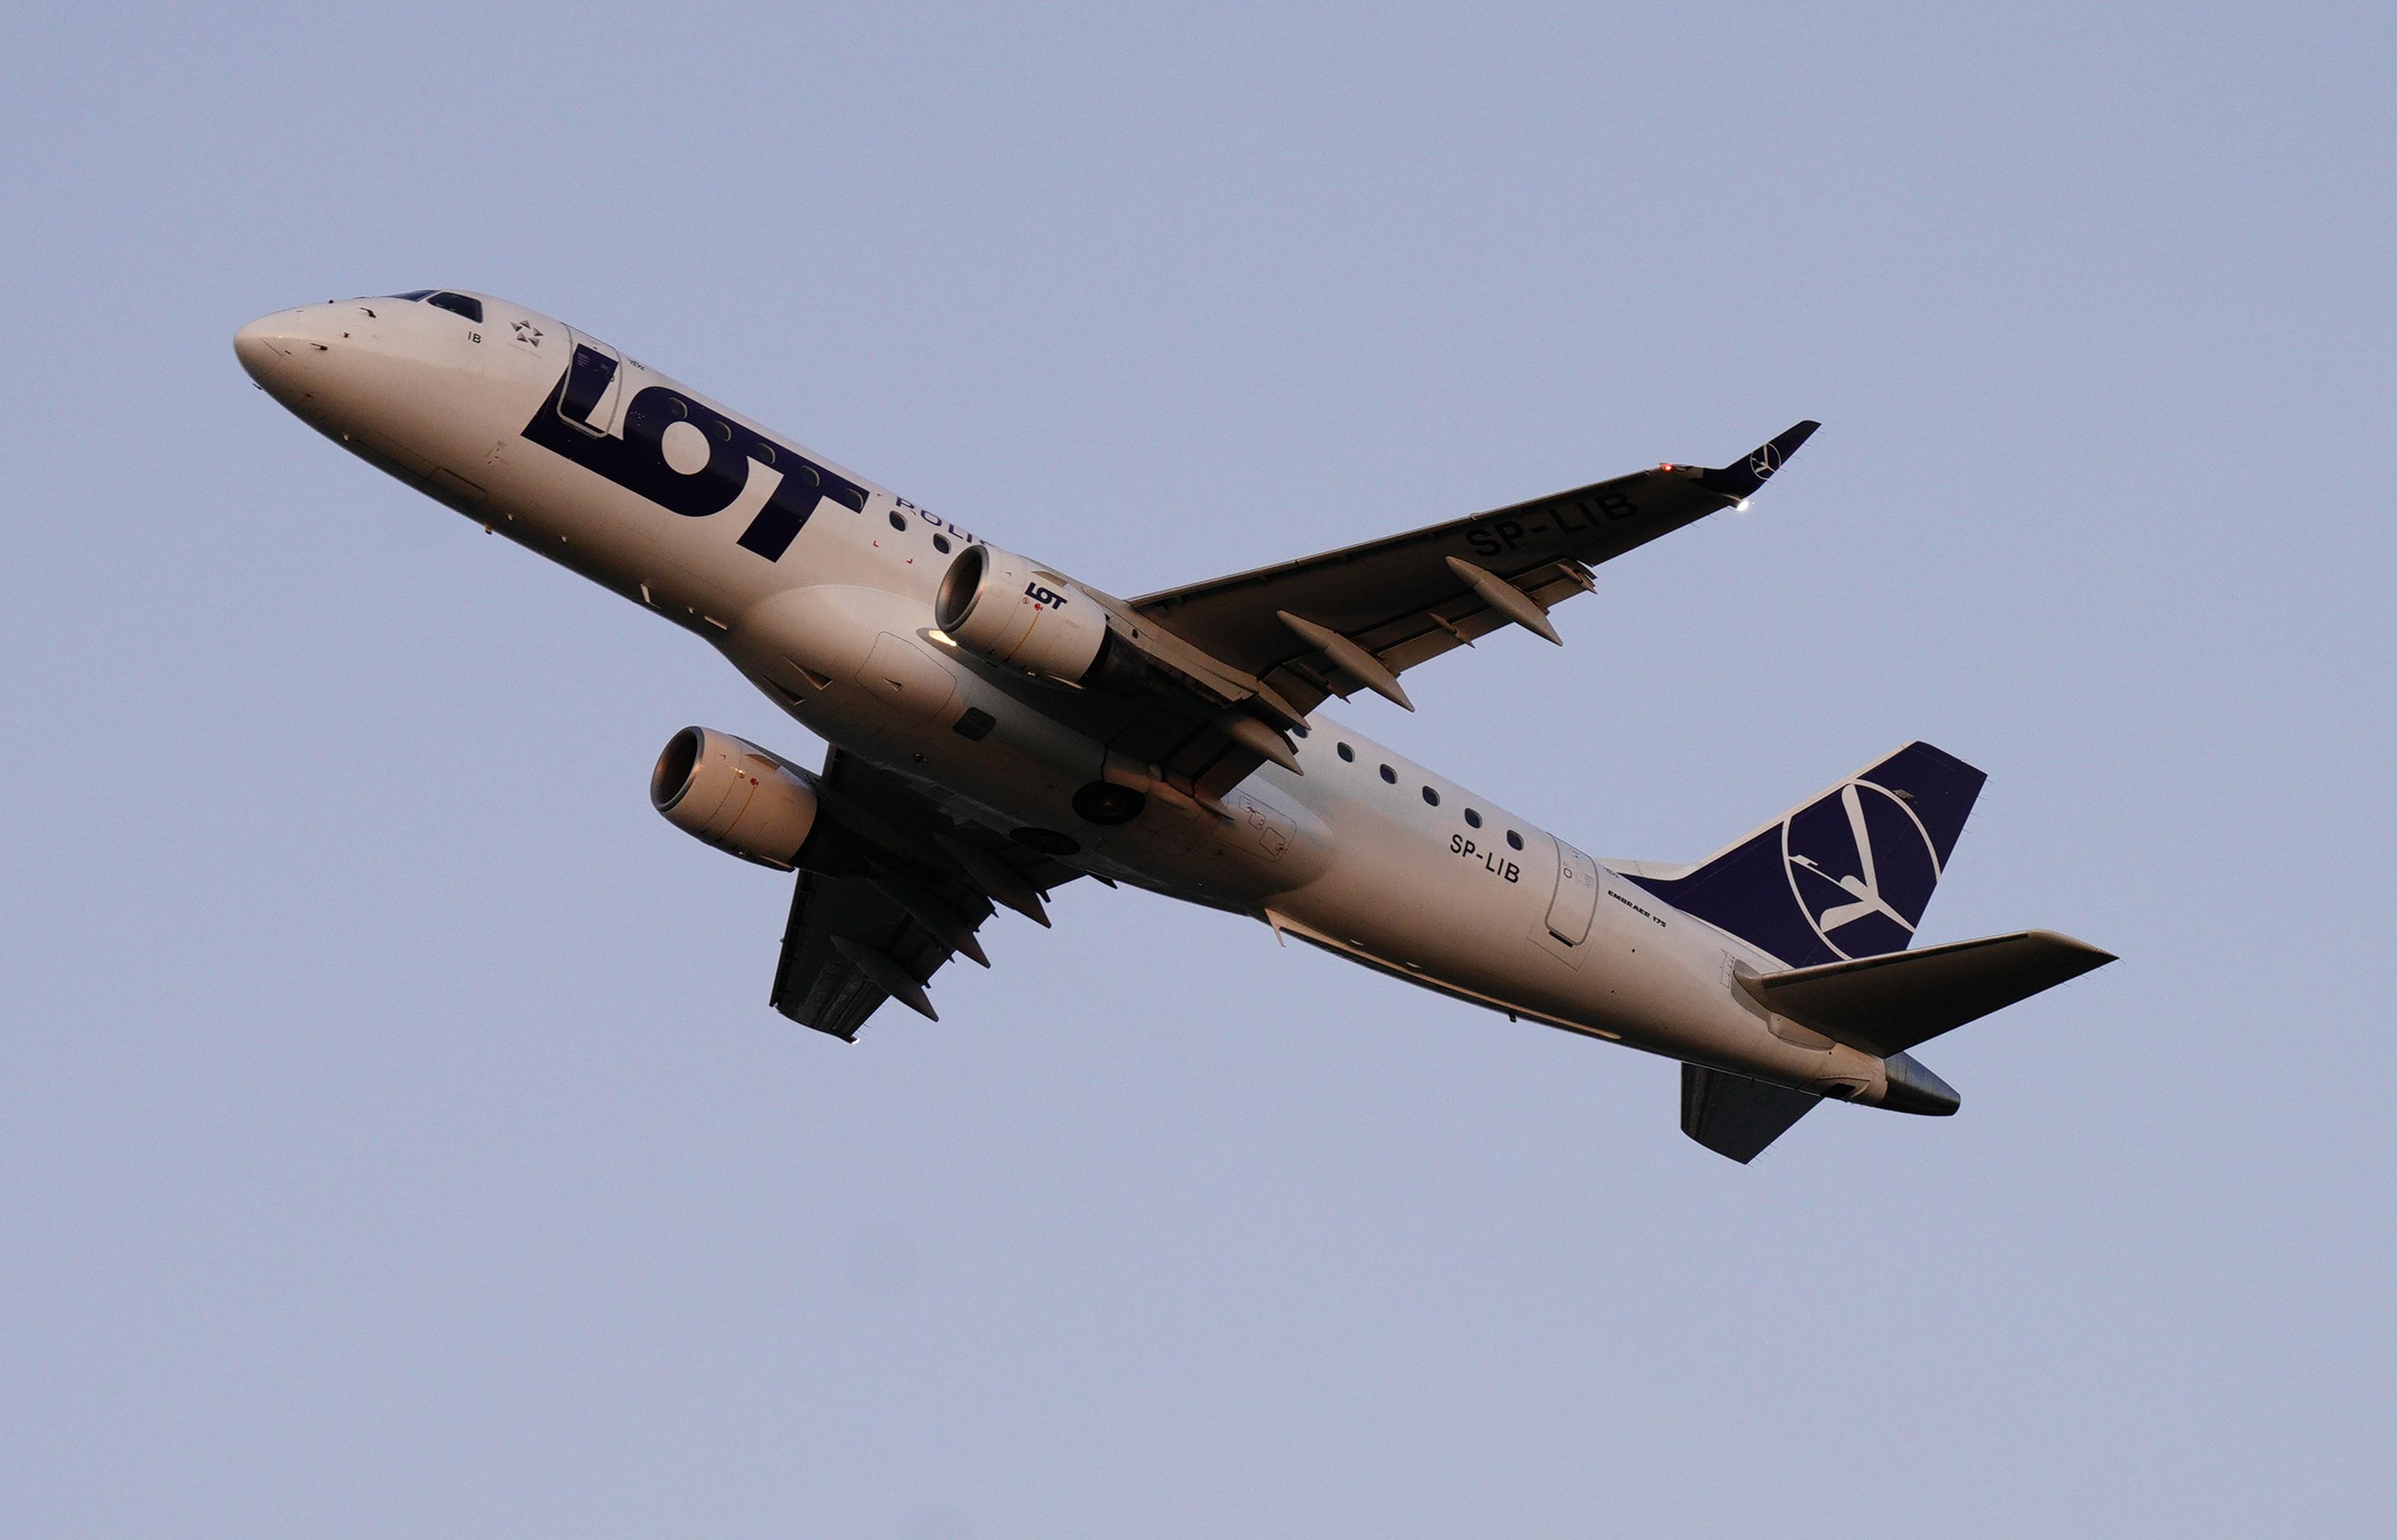 A lengyel kormány segíti ki a koronavírusba beletántorodó LOT légitársaságot